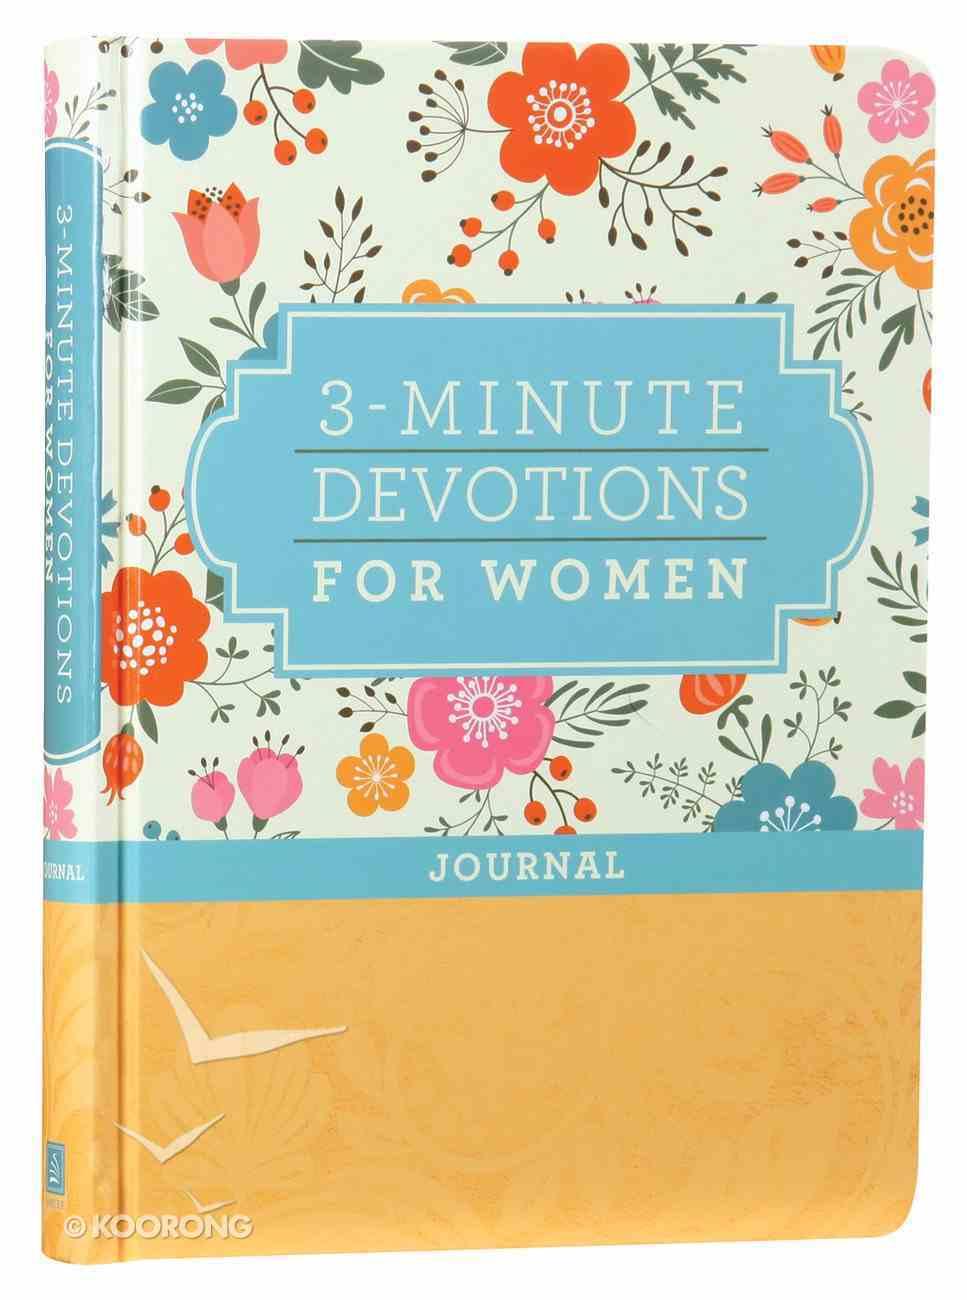 3-Minute Devotions For Women Journal Hardback